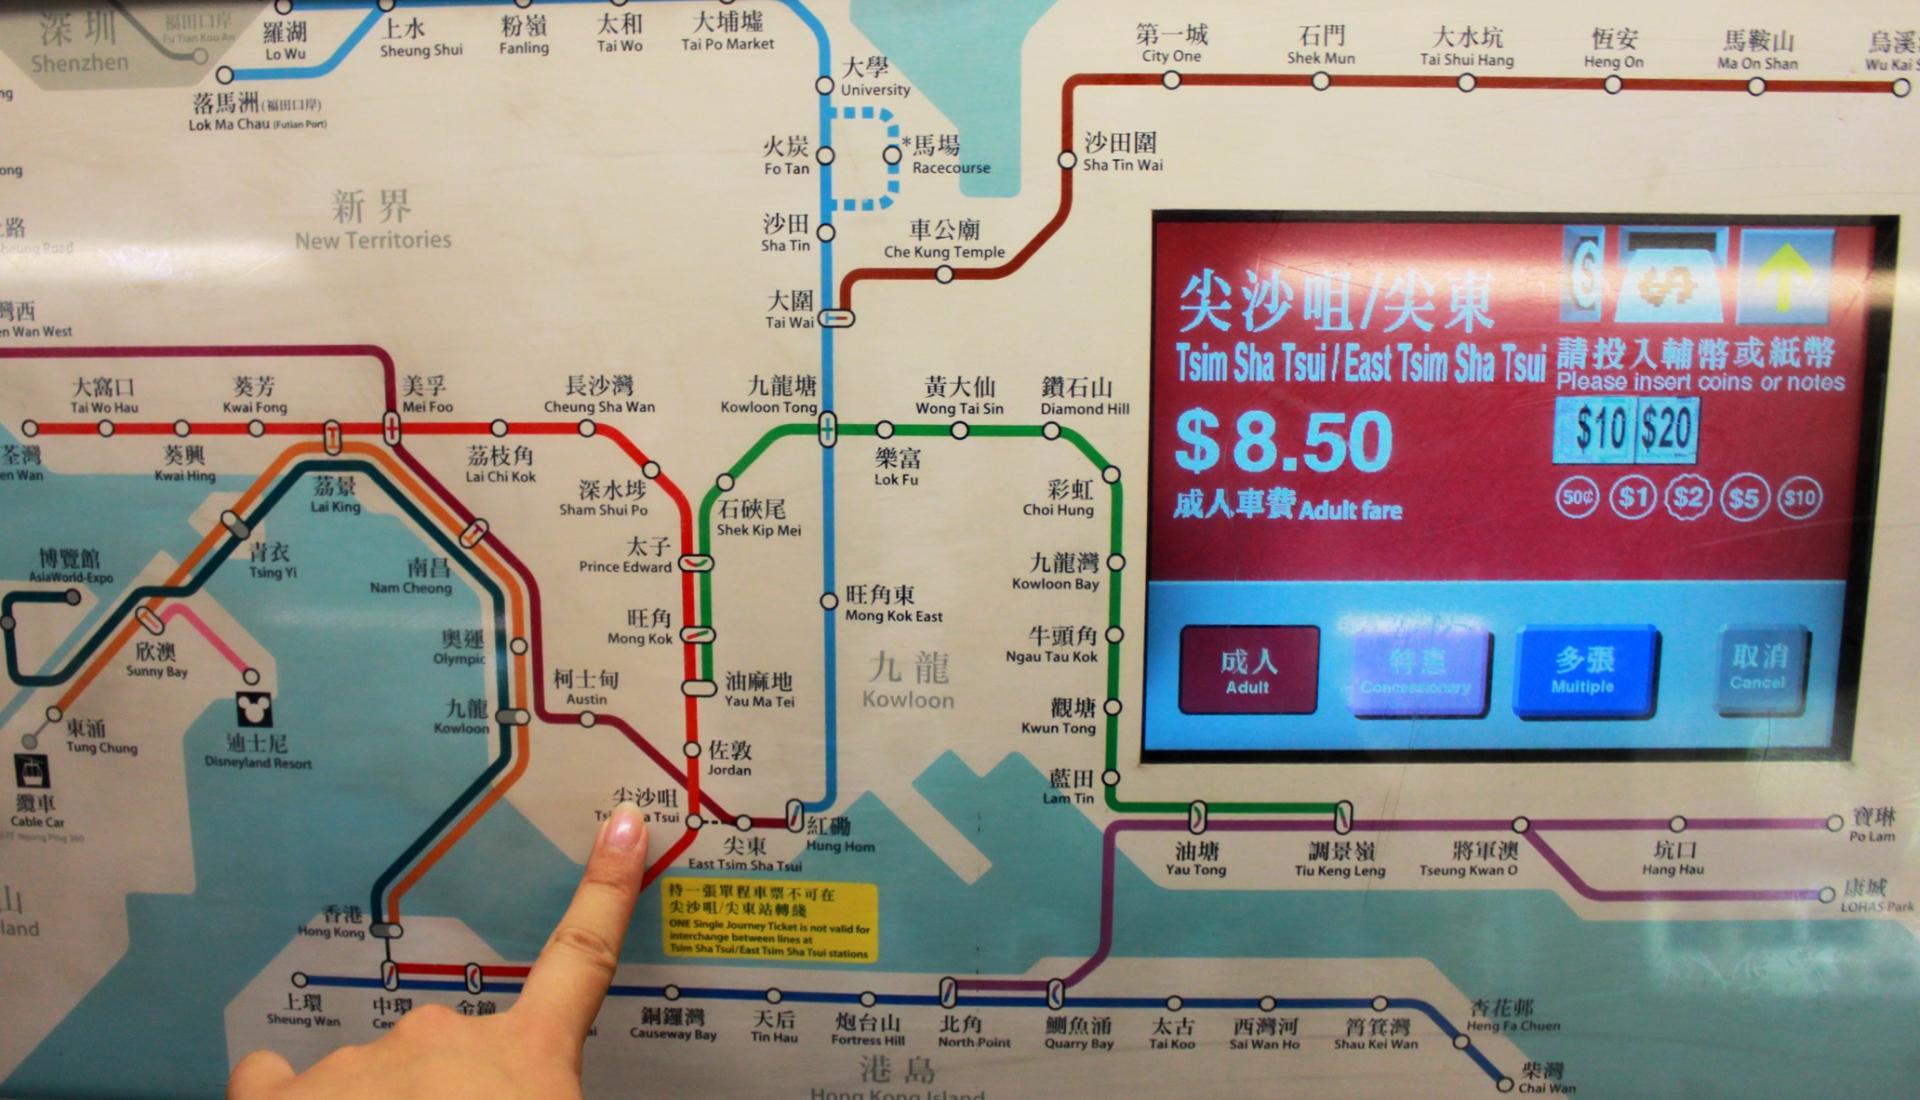 香港の地下鉄「MTR」を旅行で活用しよう!チケットの買い方や乗り方をご紹介!